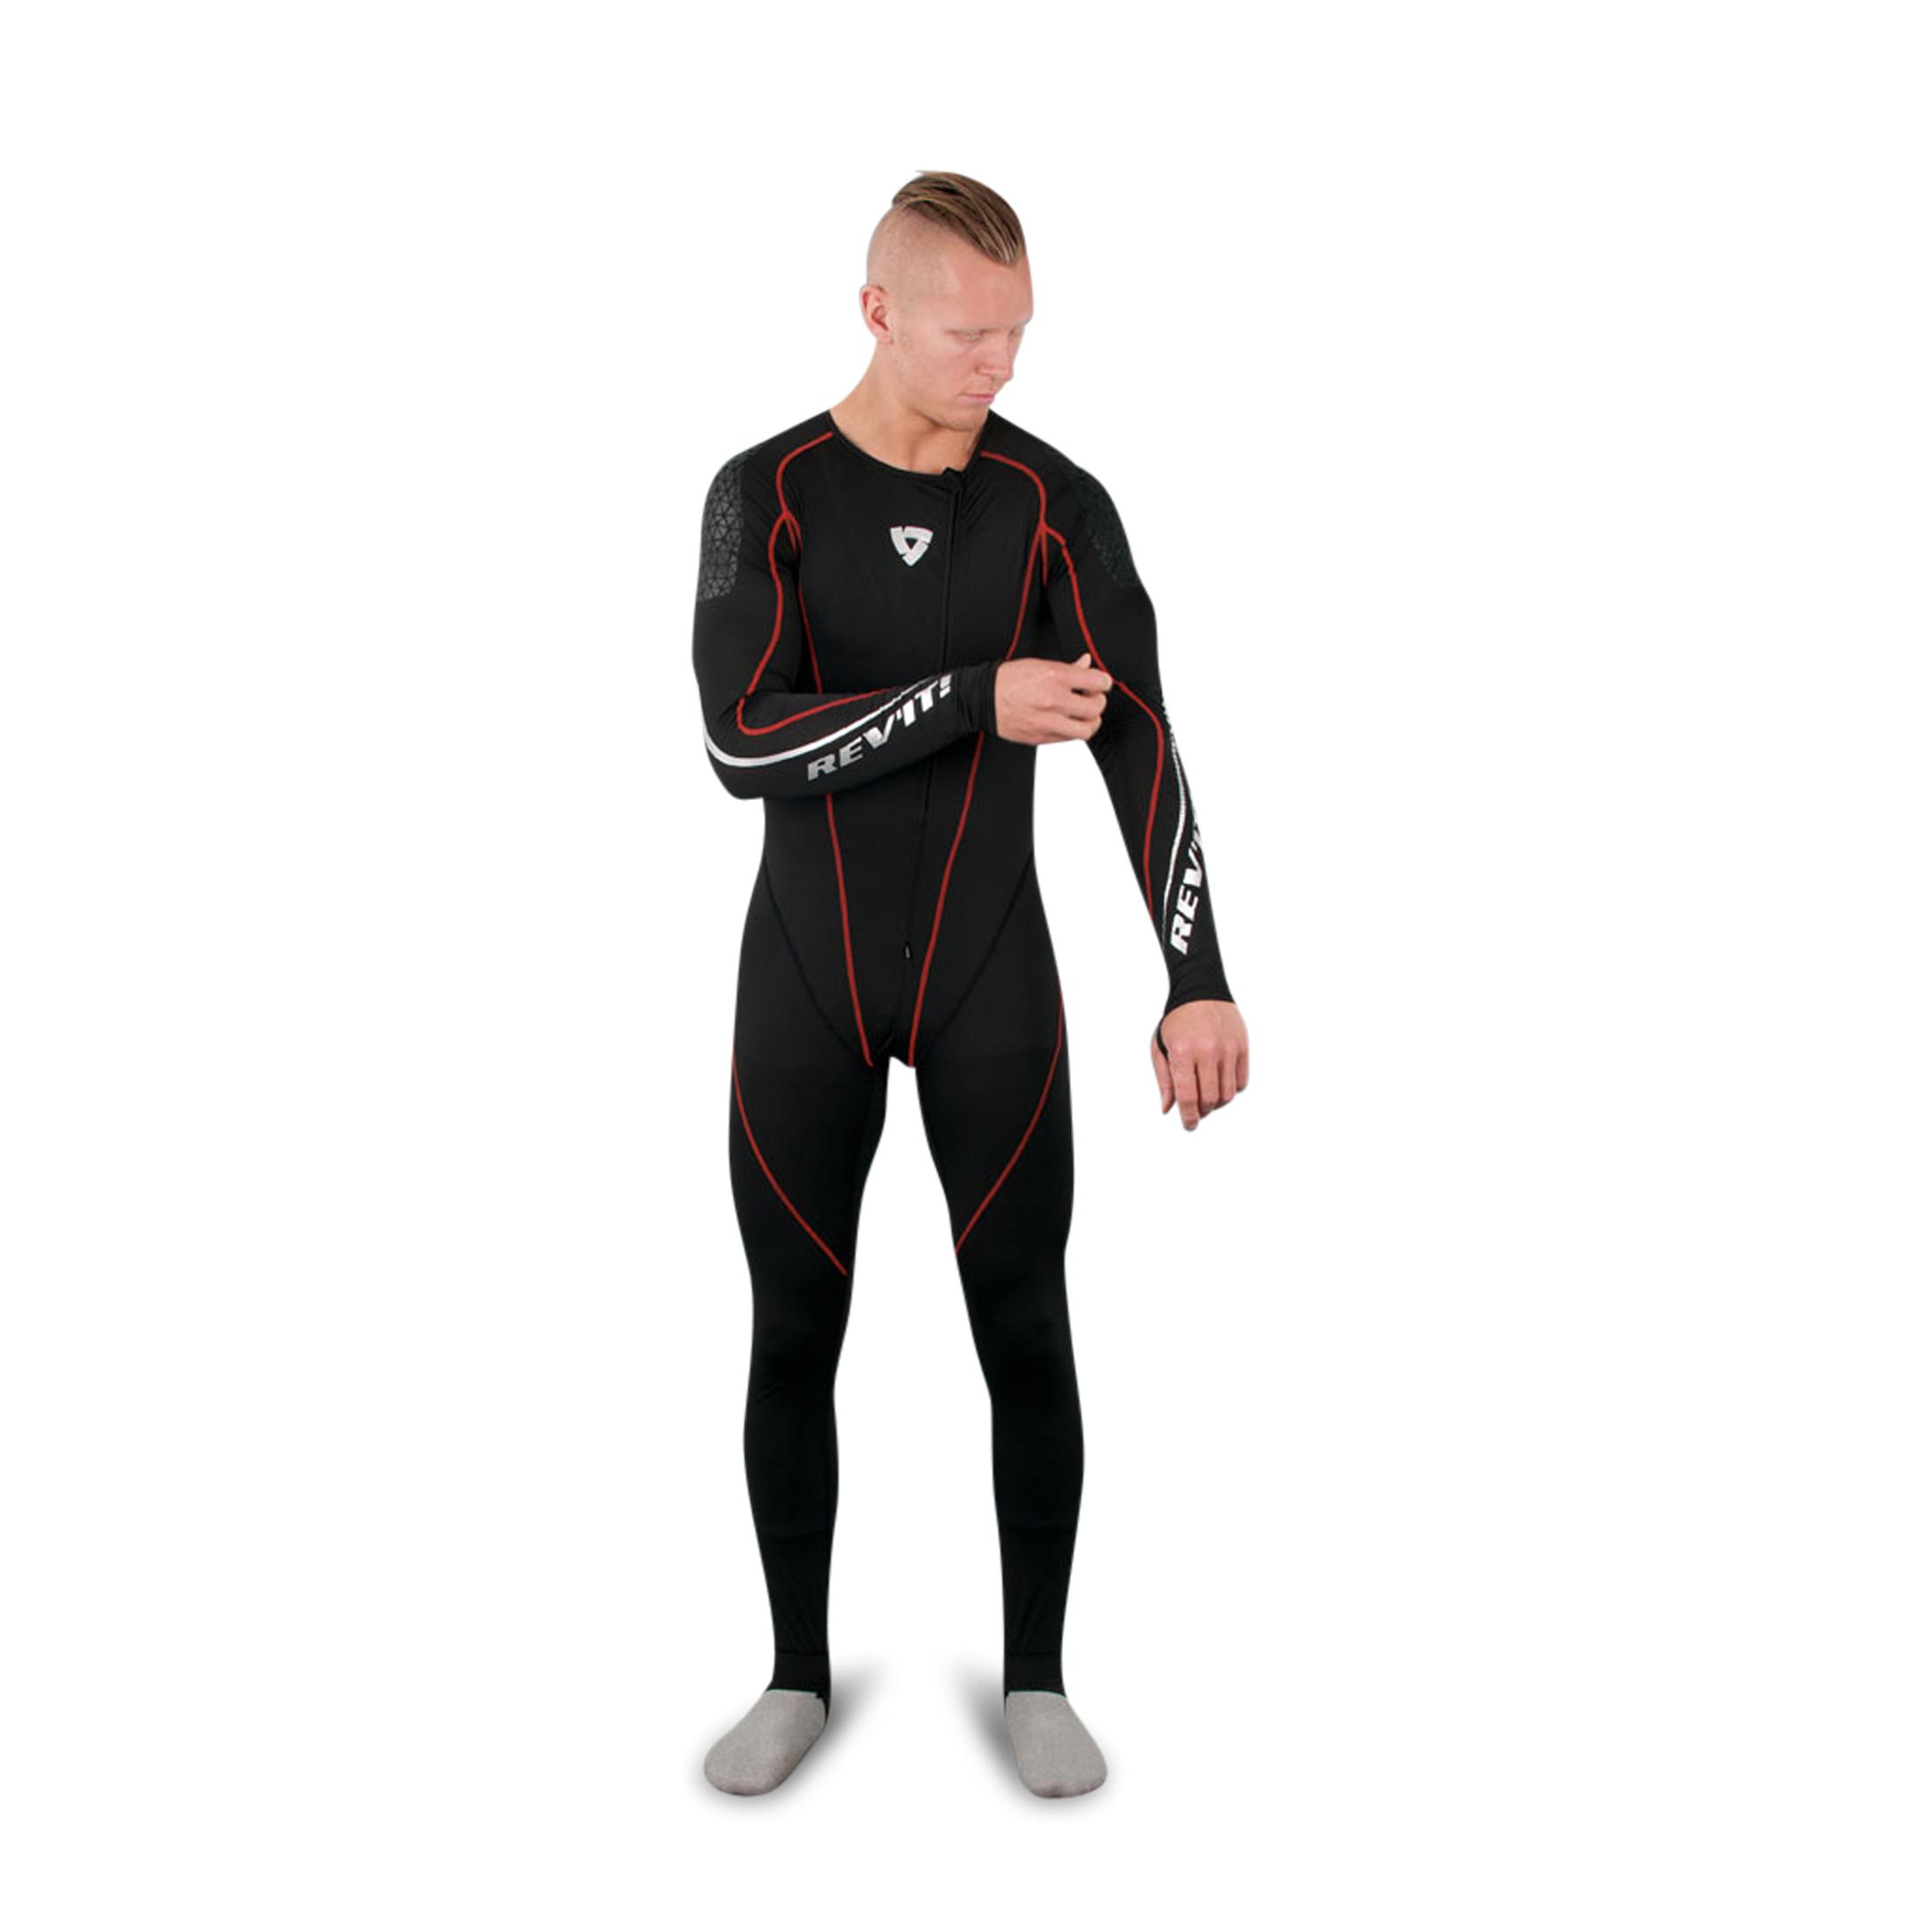 REVIT! Combinaison Sous-vêtements Sports Excellerator Noire S